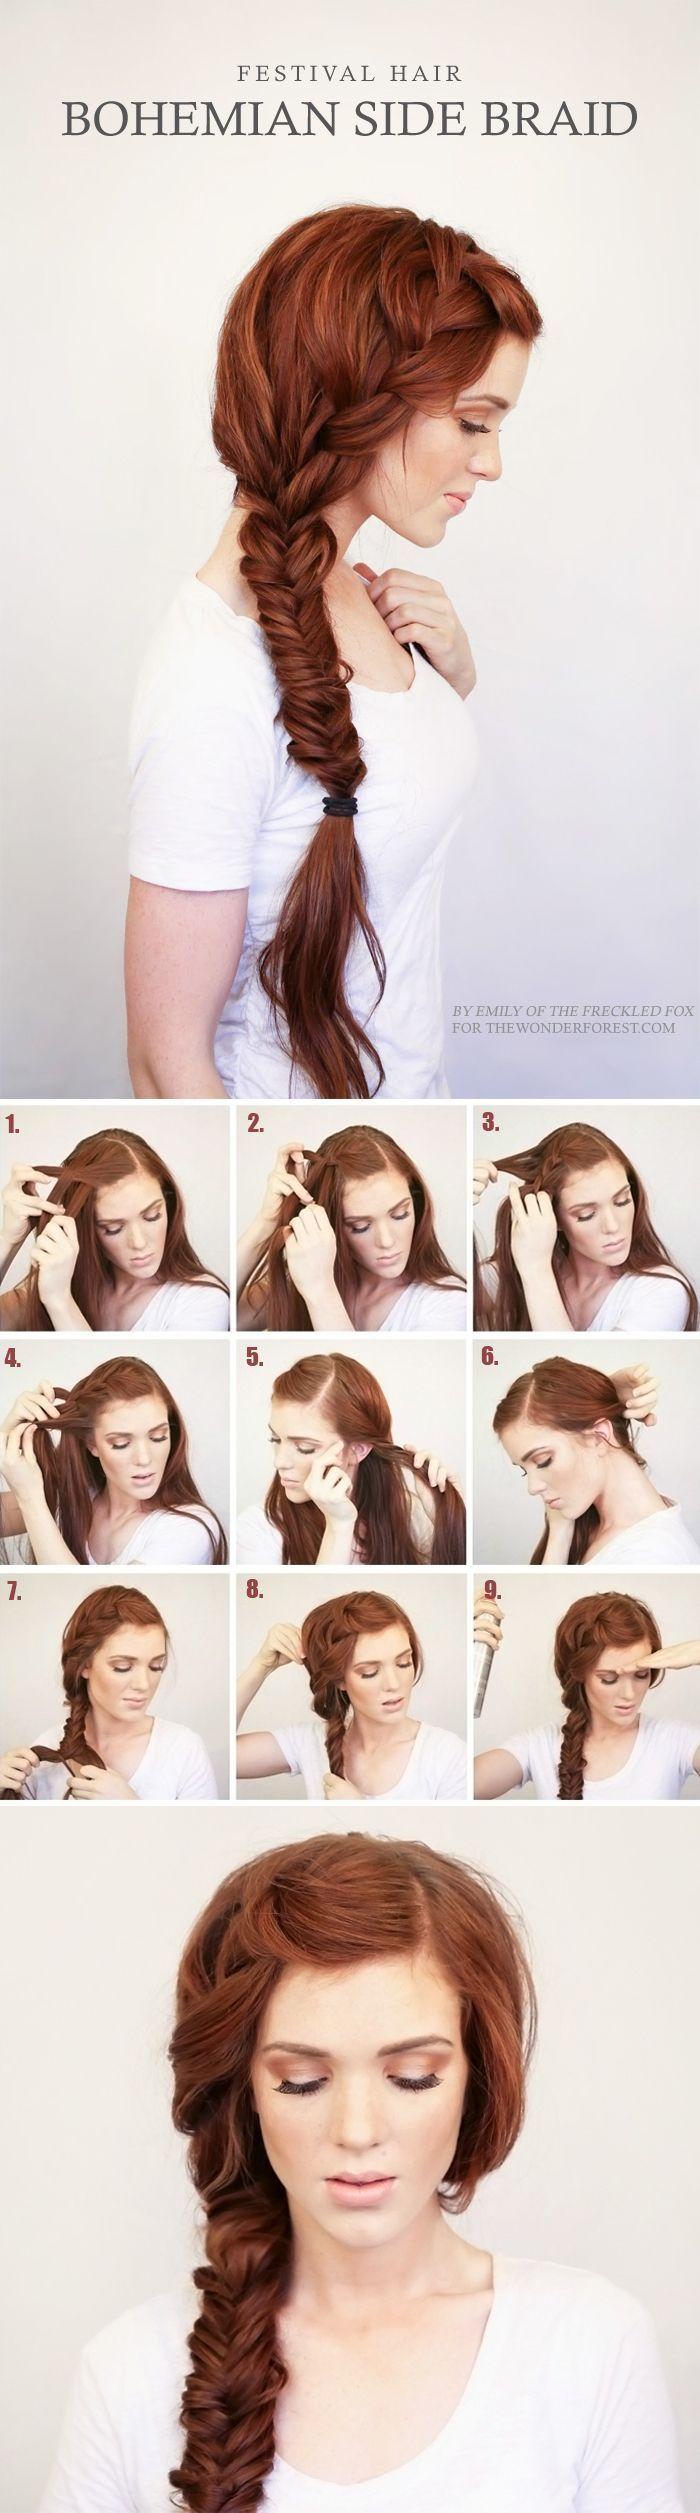 easy diy side braid boho bridal hairstyle idea: